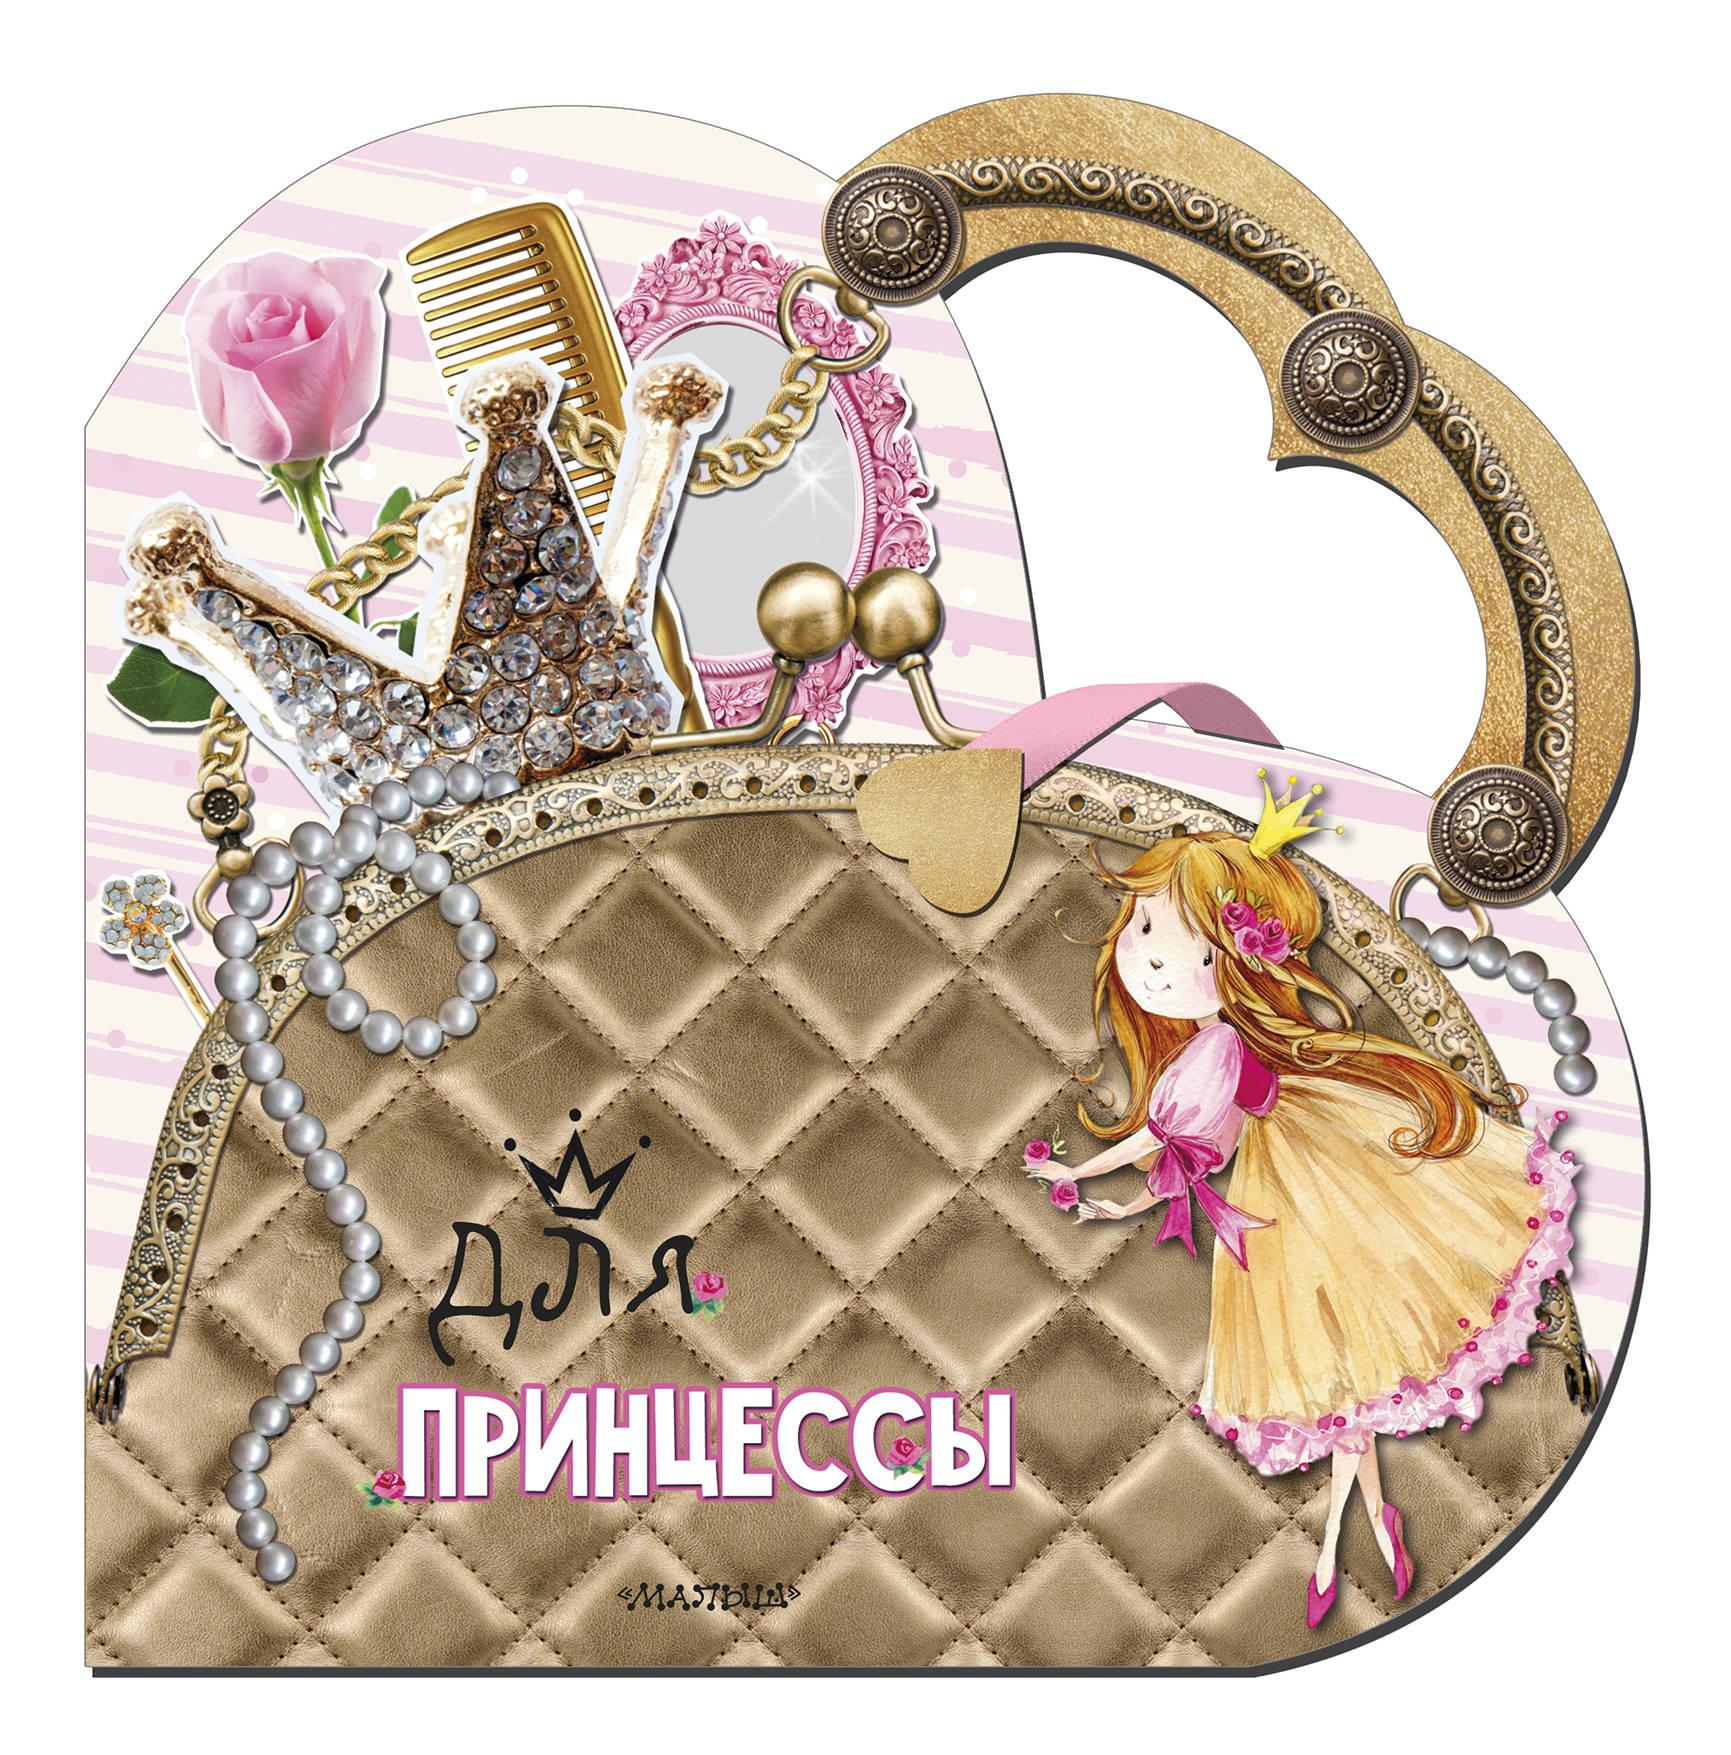 Для принцессы ( Станкевич С.А.  )